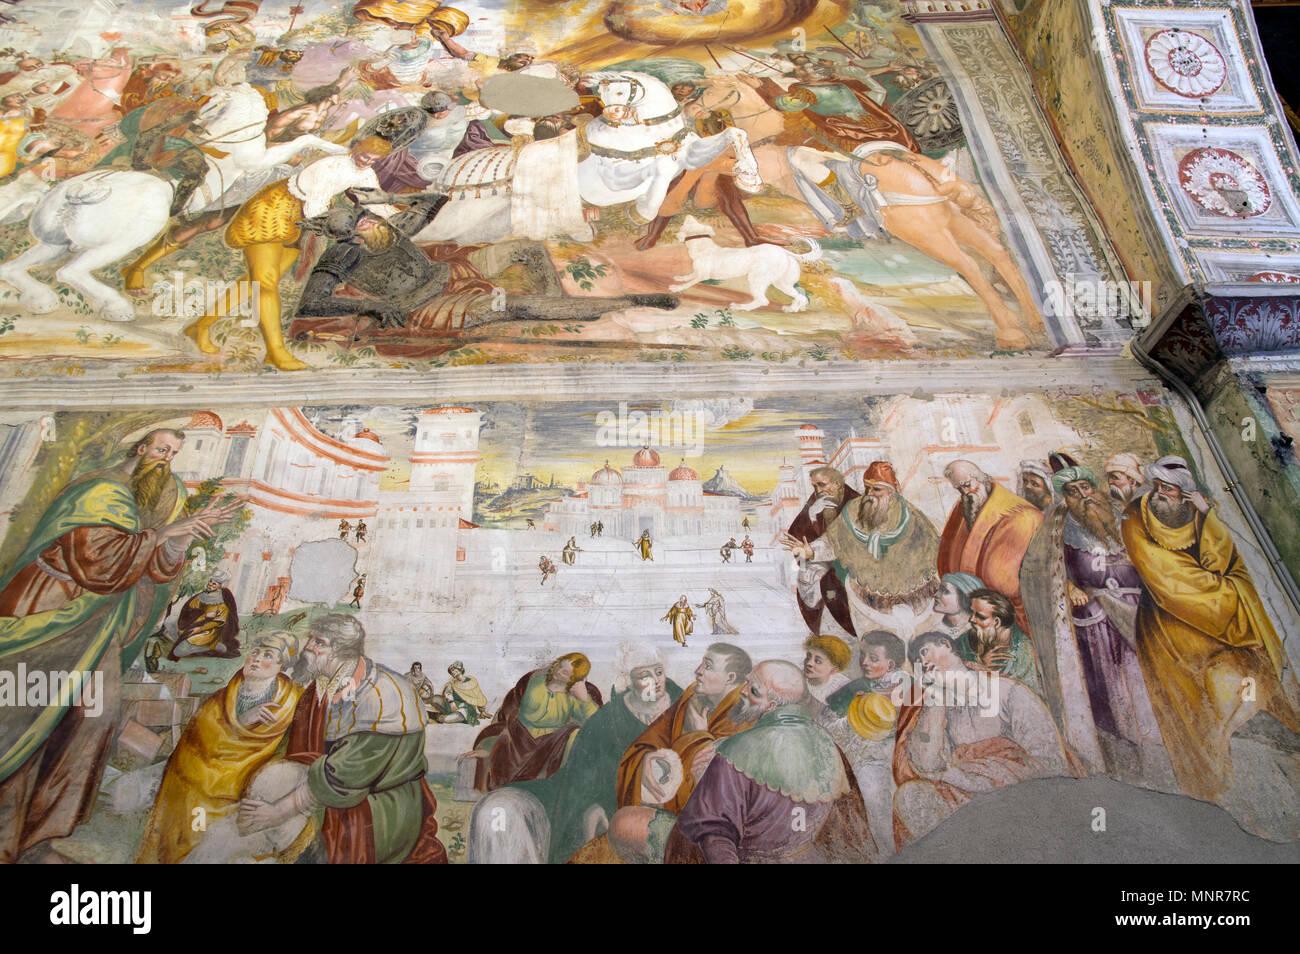 VARALLO SESIA, ITALY - 25 APRIL 2018: medieval fresco in San Marco ...